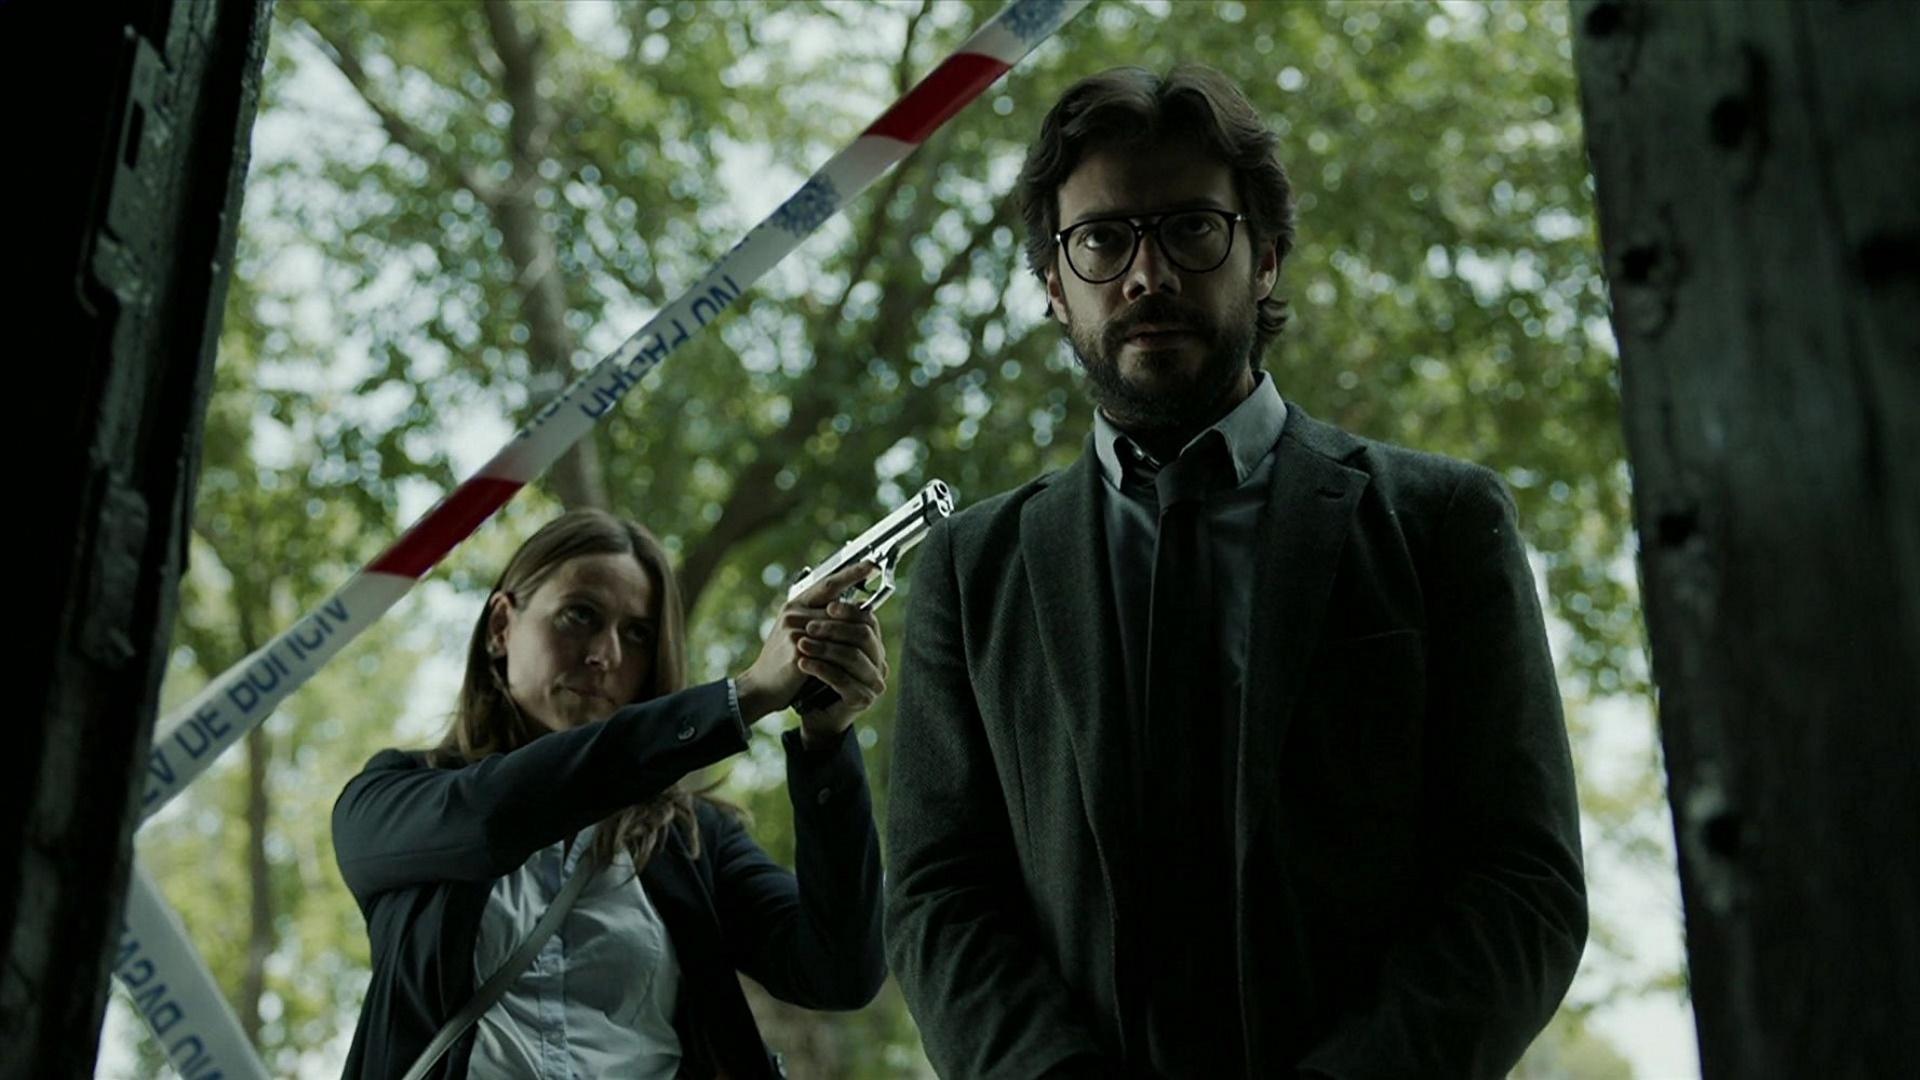 Money Heist (La casa de papel) - Season 2 [Sub: Eng] Watch Free on